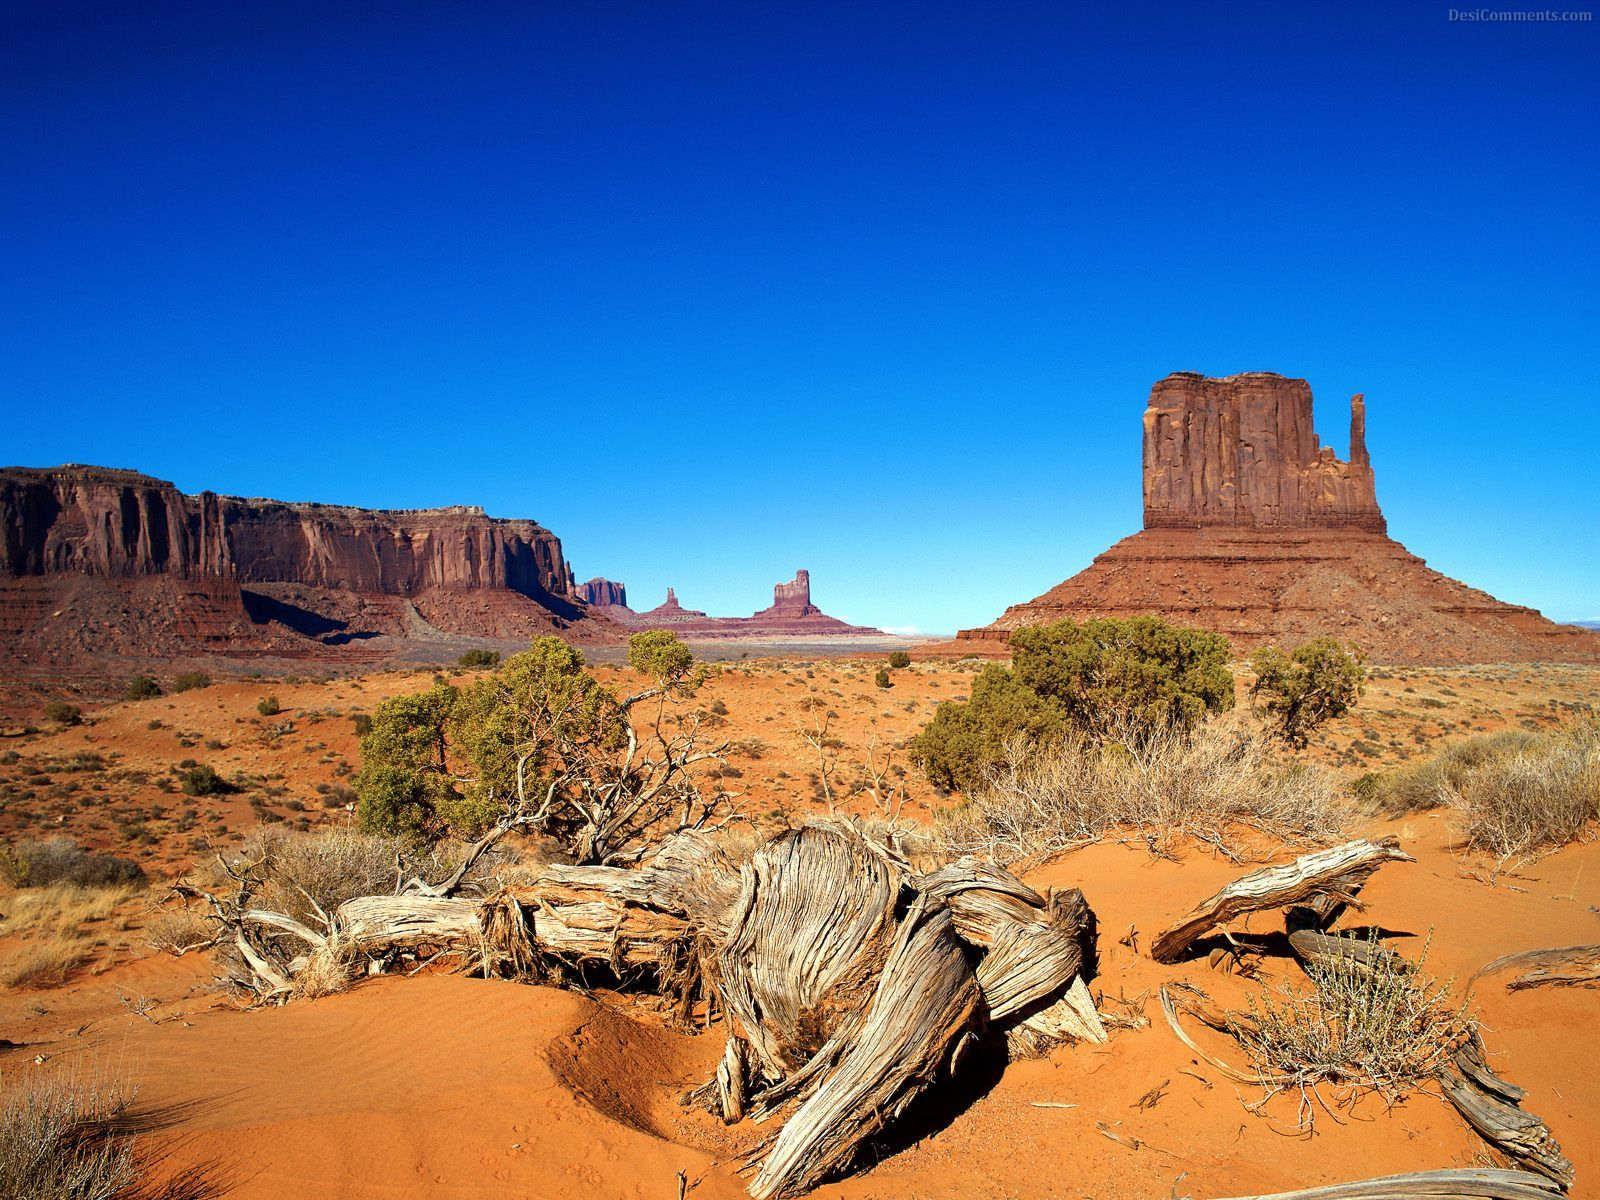 Arizona Desert Wallpaper HD - WallpaperSafari